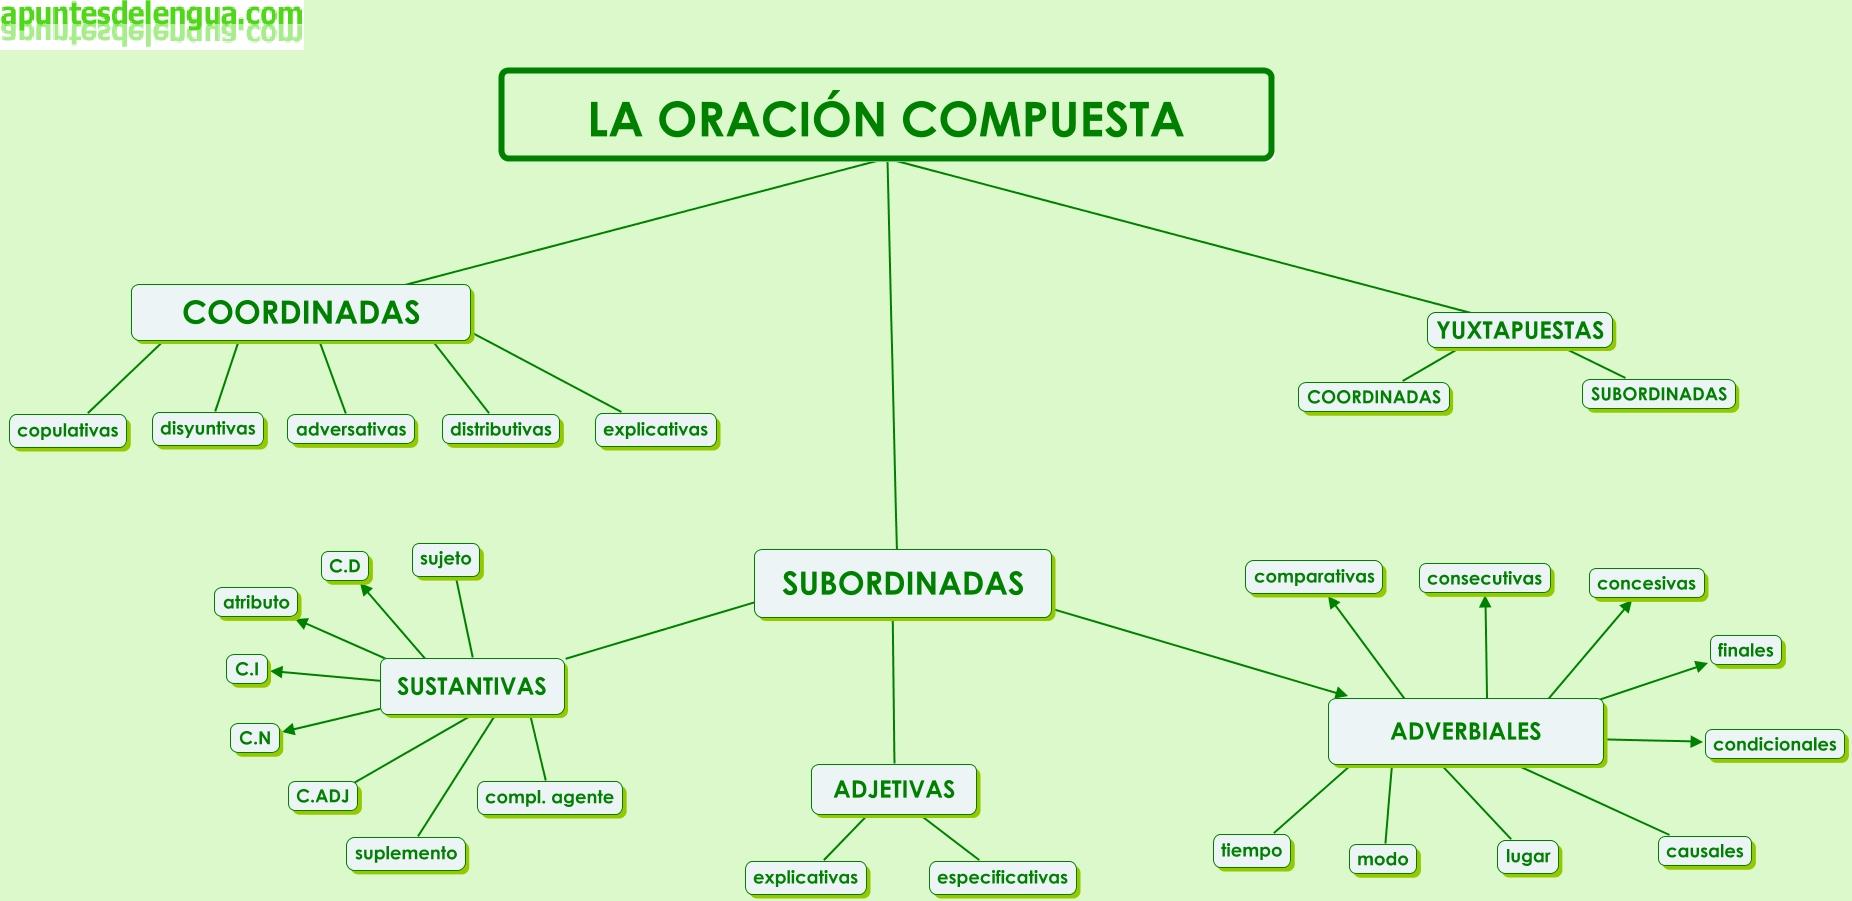 http://www.apuntesdelengua.com/archivos/sintaxis/ocompuesta/oracioncompuesta.jpg